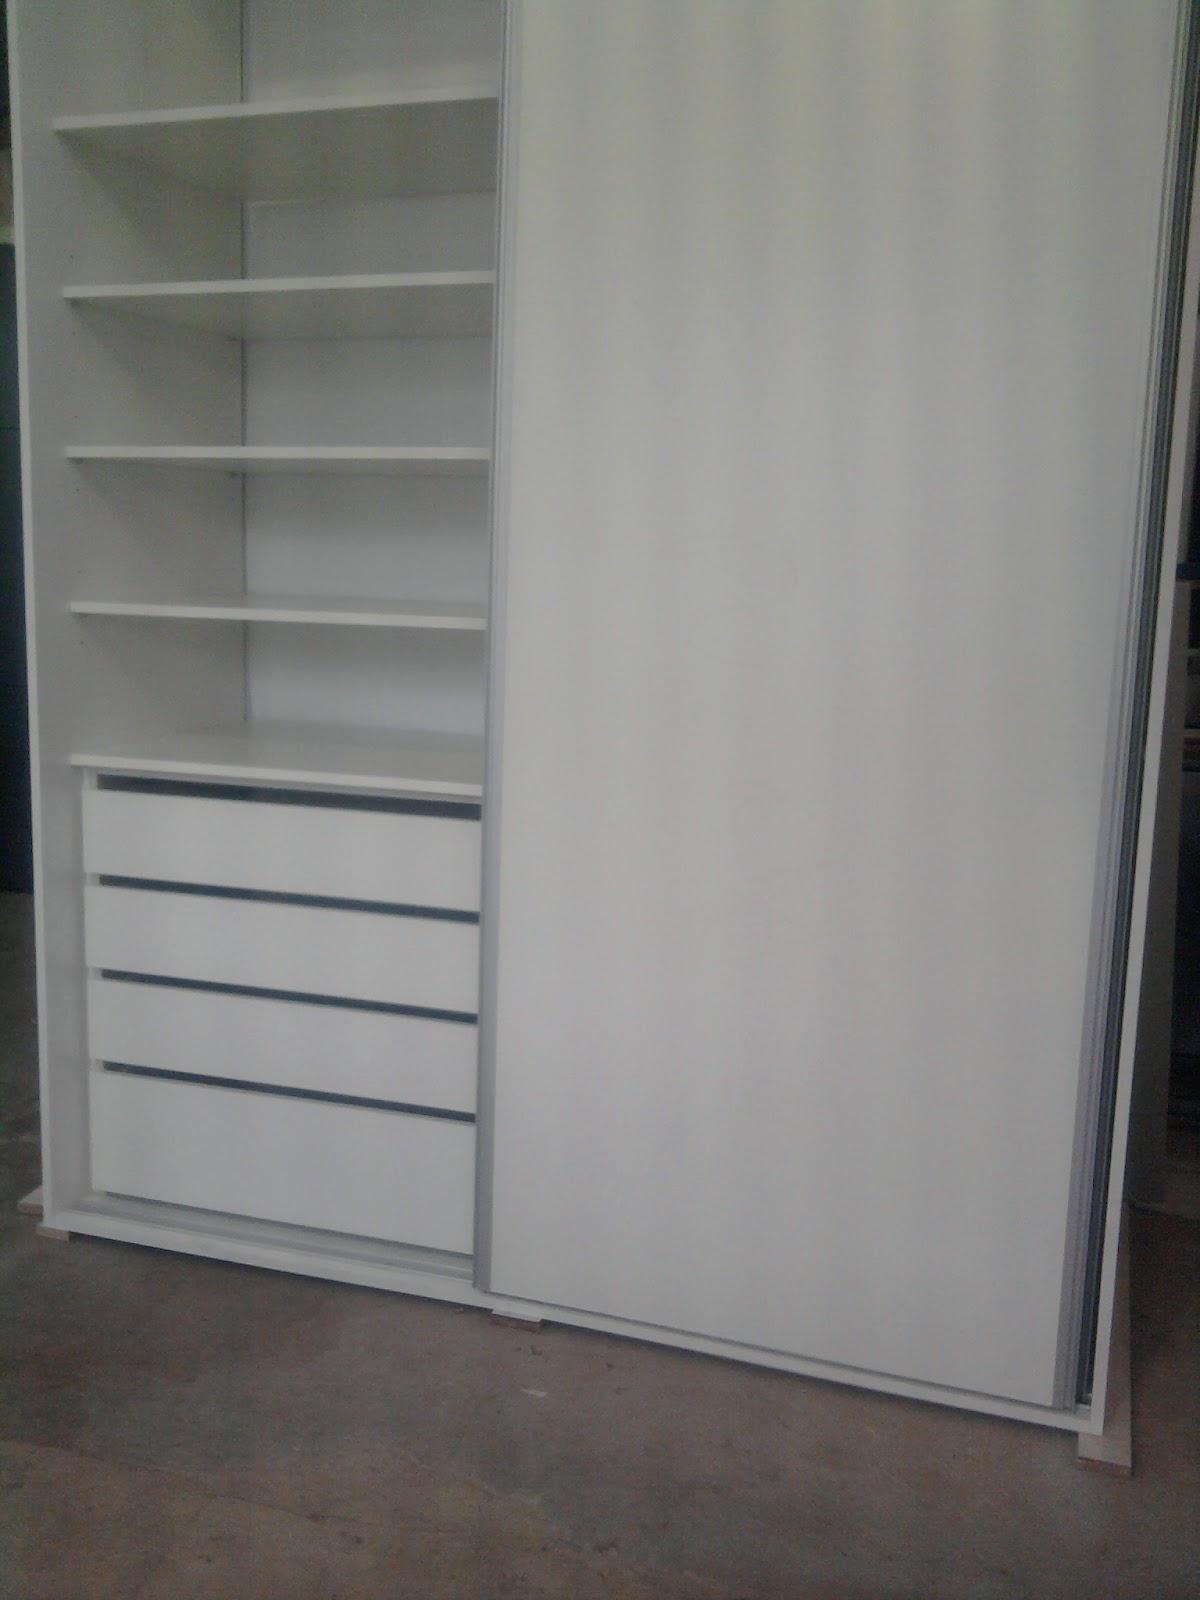 R a ch mobiliario para oficinas mueble melamina blanca - Muebles con puertas corredizas ...